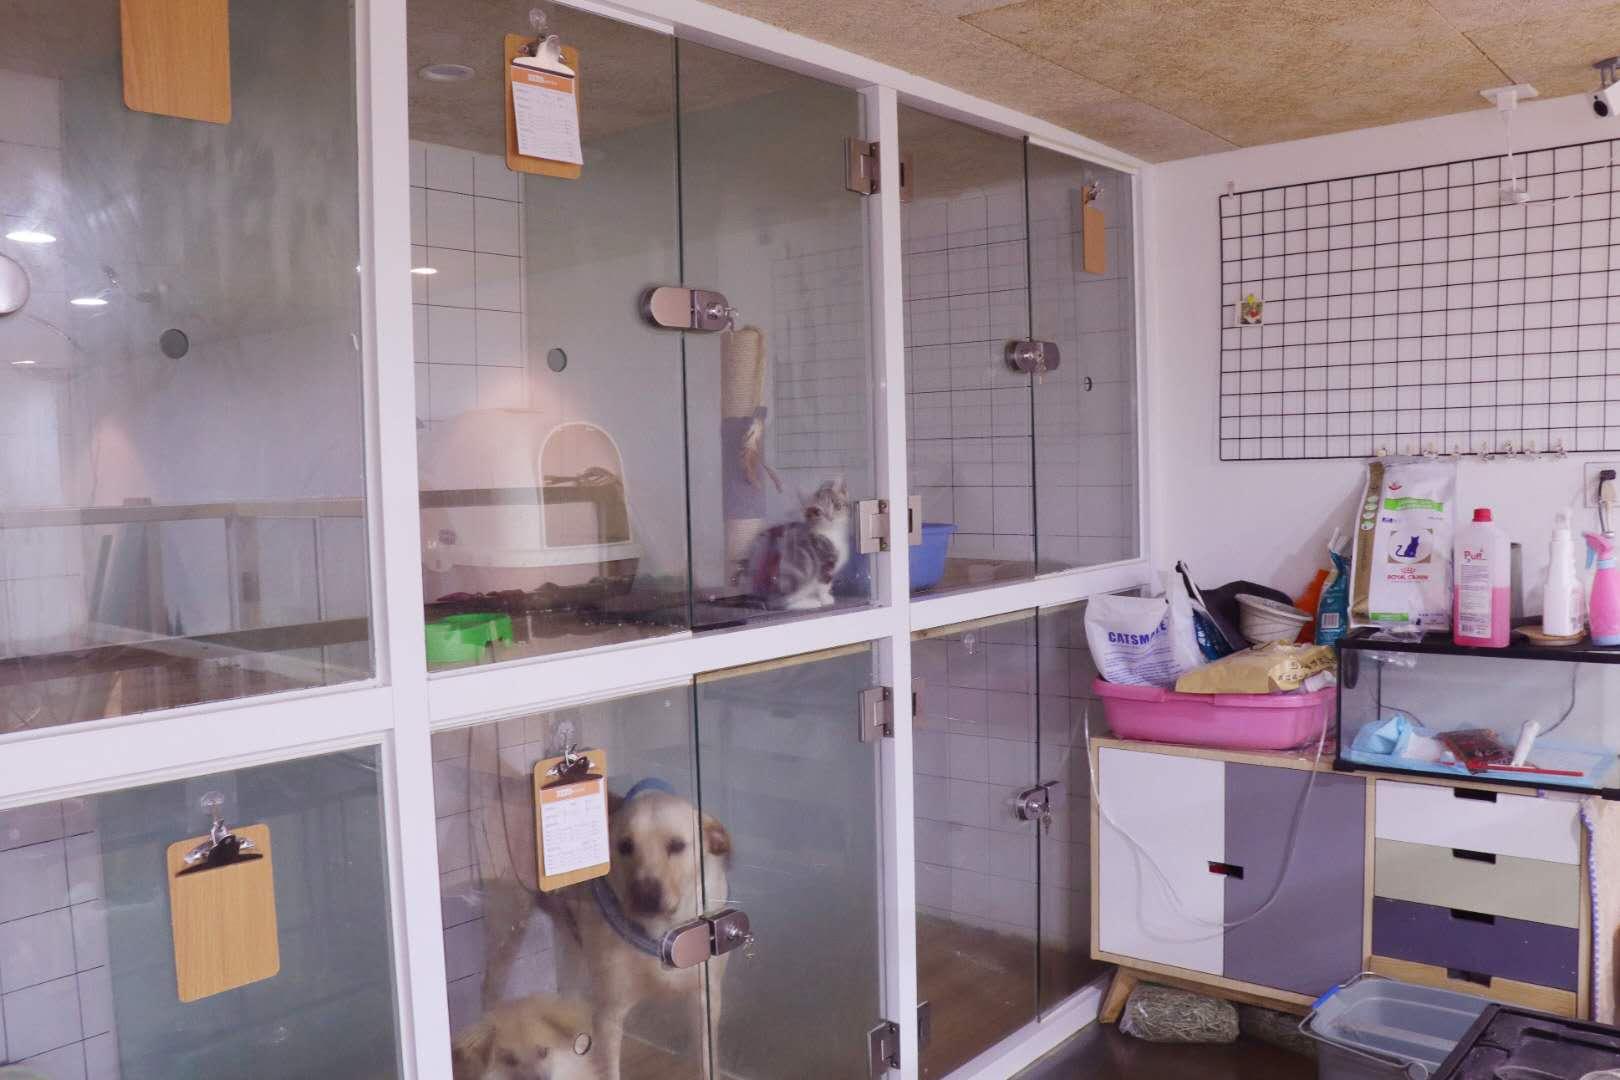 宠物店 90后图片来自汀婷在NEMO 宠物管家的分享